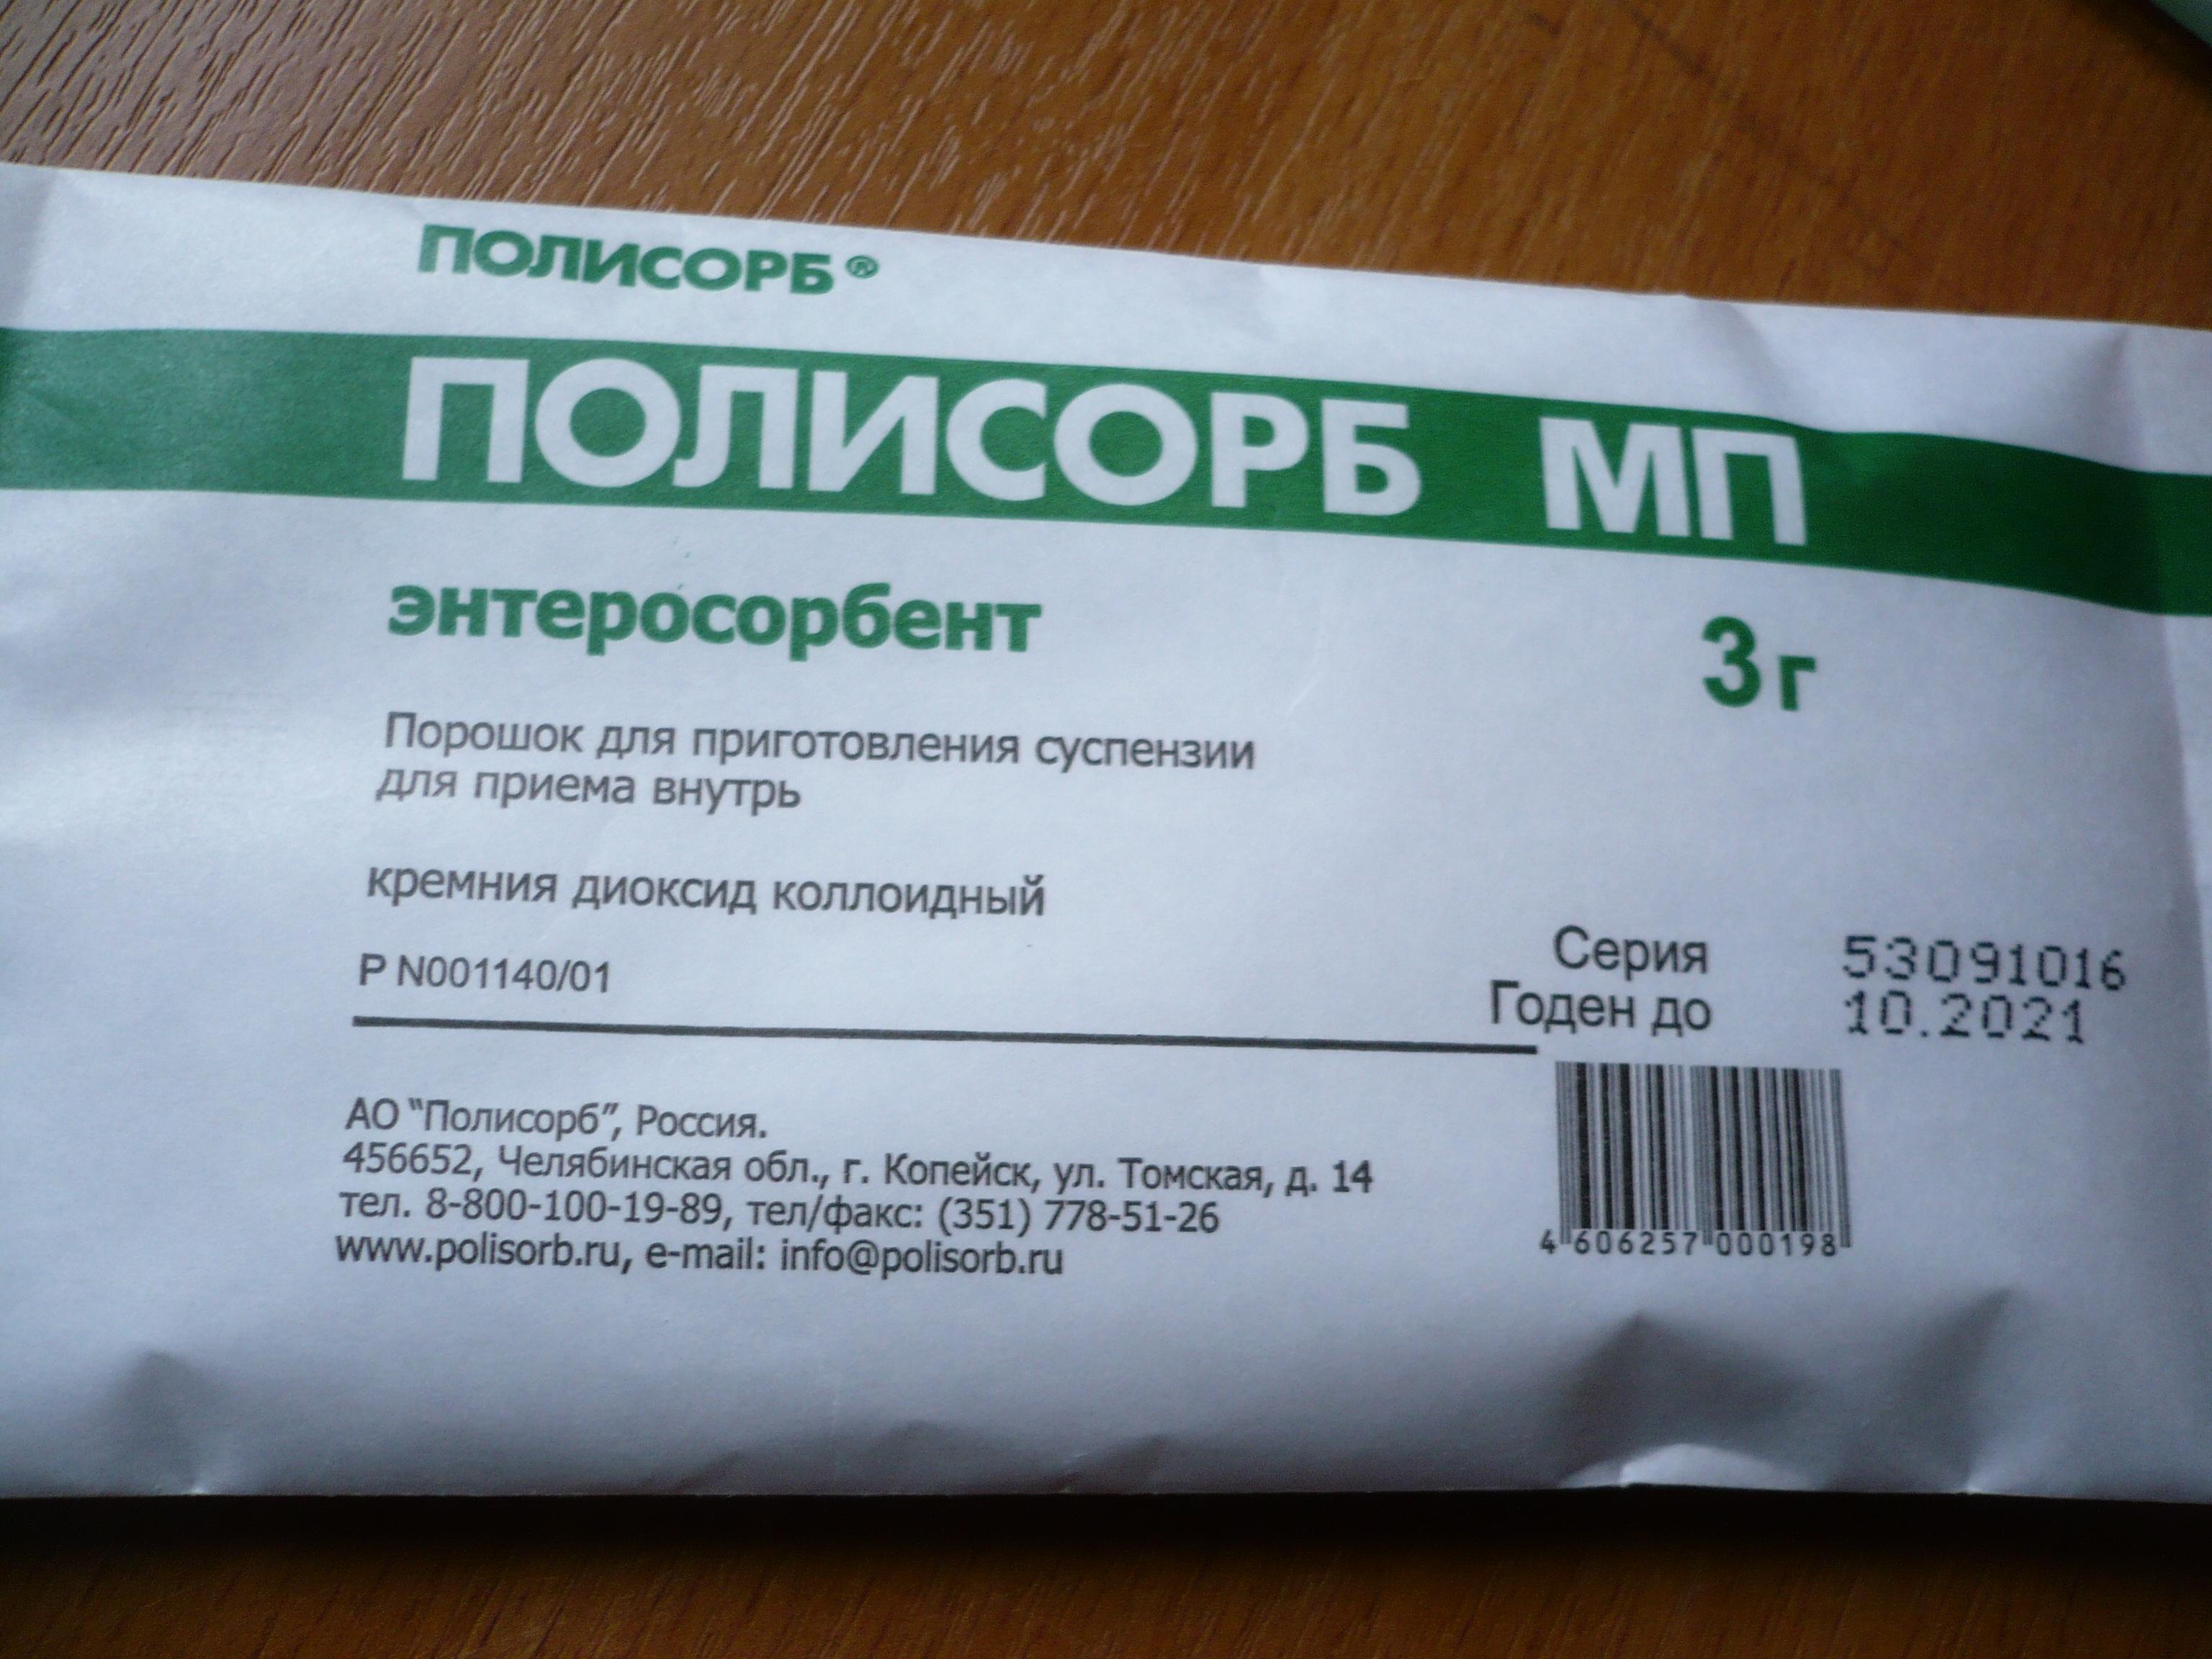 Полисорб – инструкция по применению, аналоги и цена препарата, отзывы